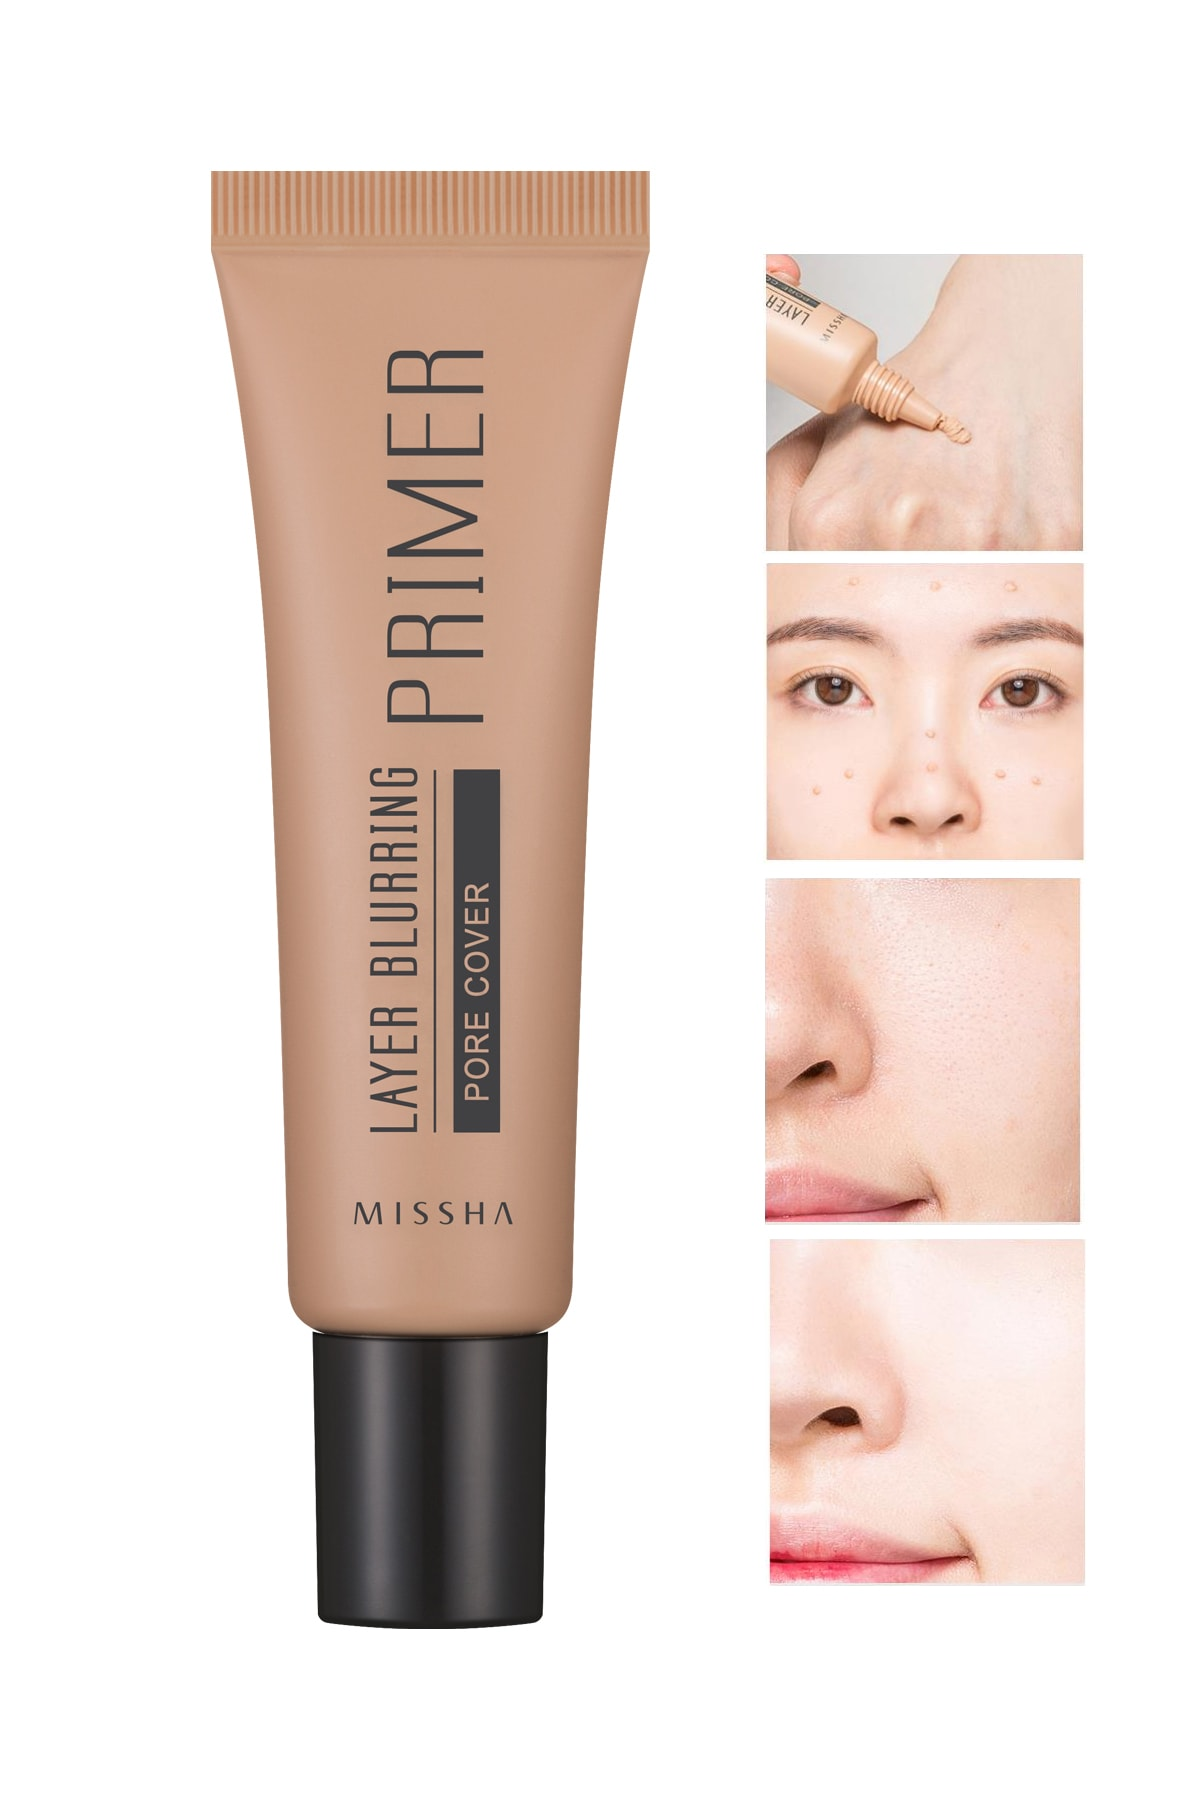 Missha Gözenek Kapatıcı Pürüzsüzleştirici Makyaj Bazı 20ml Layer Blurring Primer (Pore Cover) 0